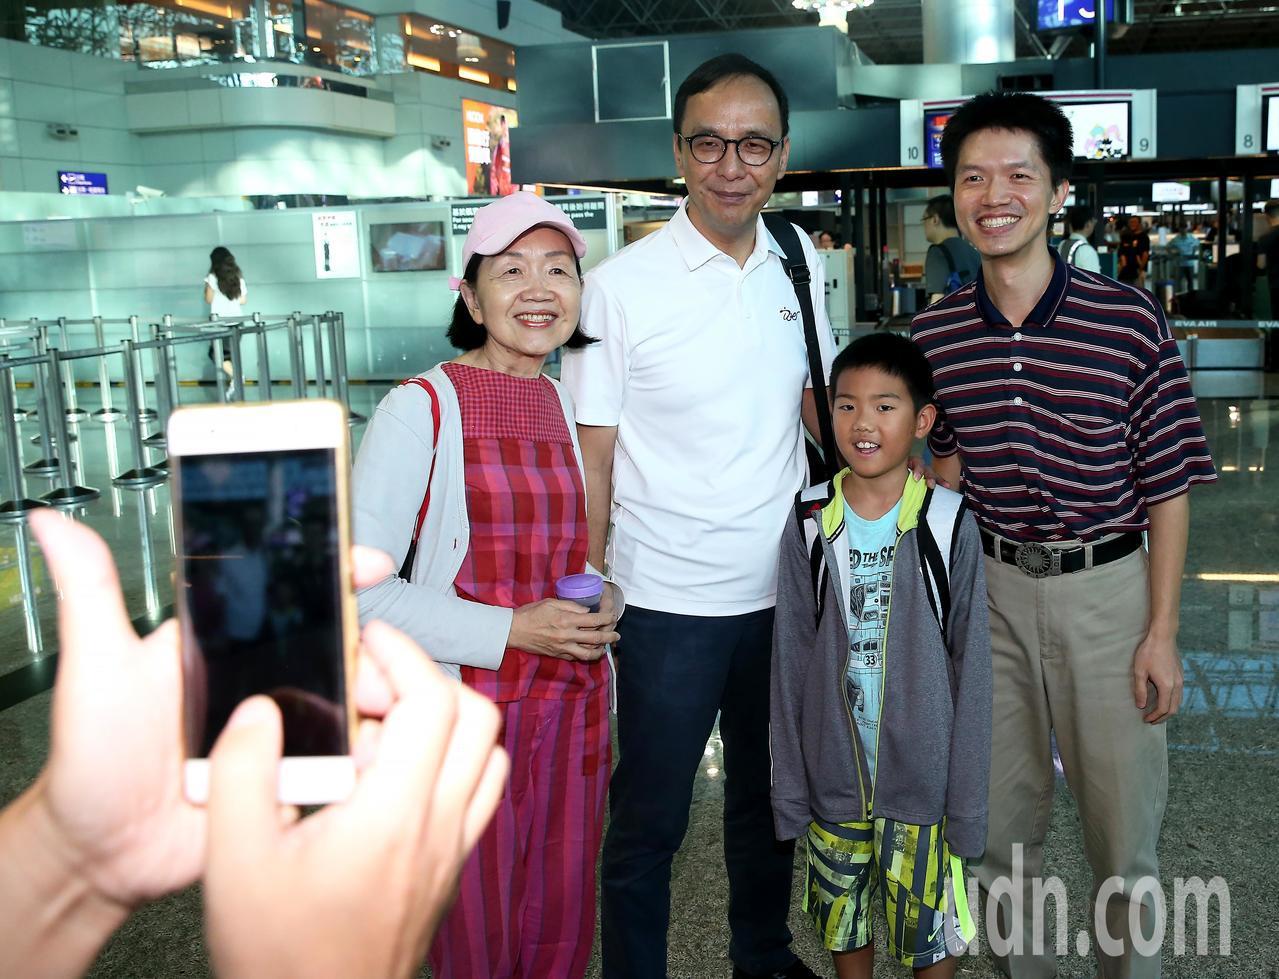 國民黨前主席朱立倫(右三)14日晚間搭機前往美國訪問,登機前應旅客要求合影留念。...